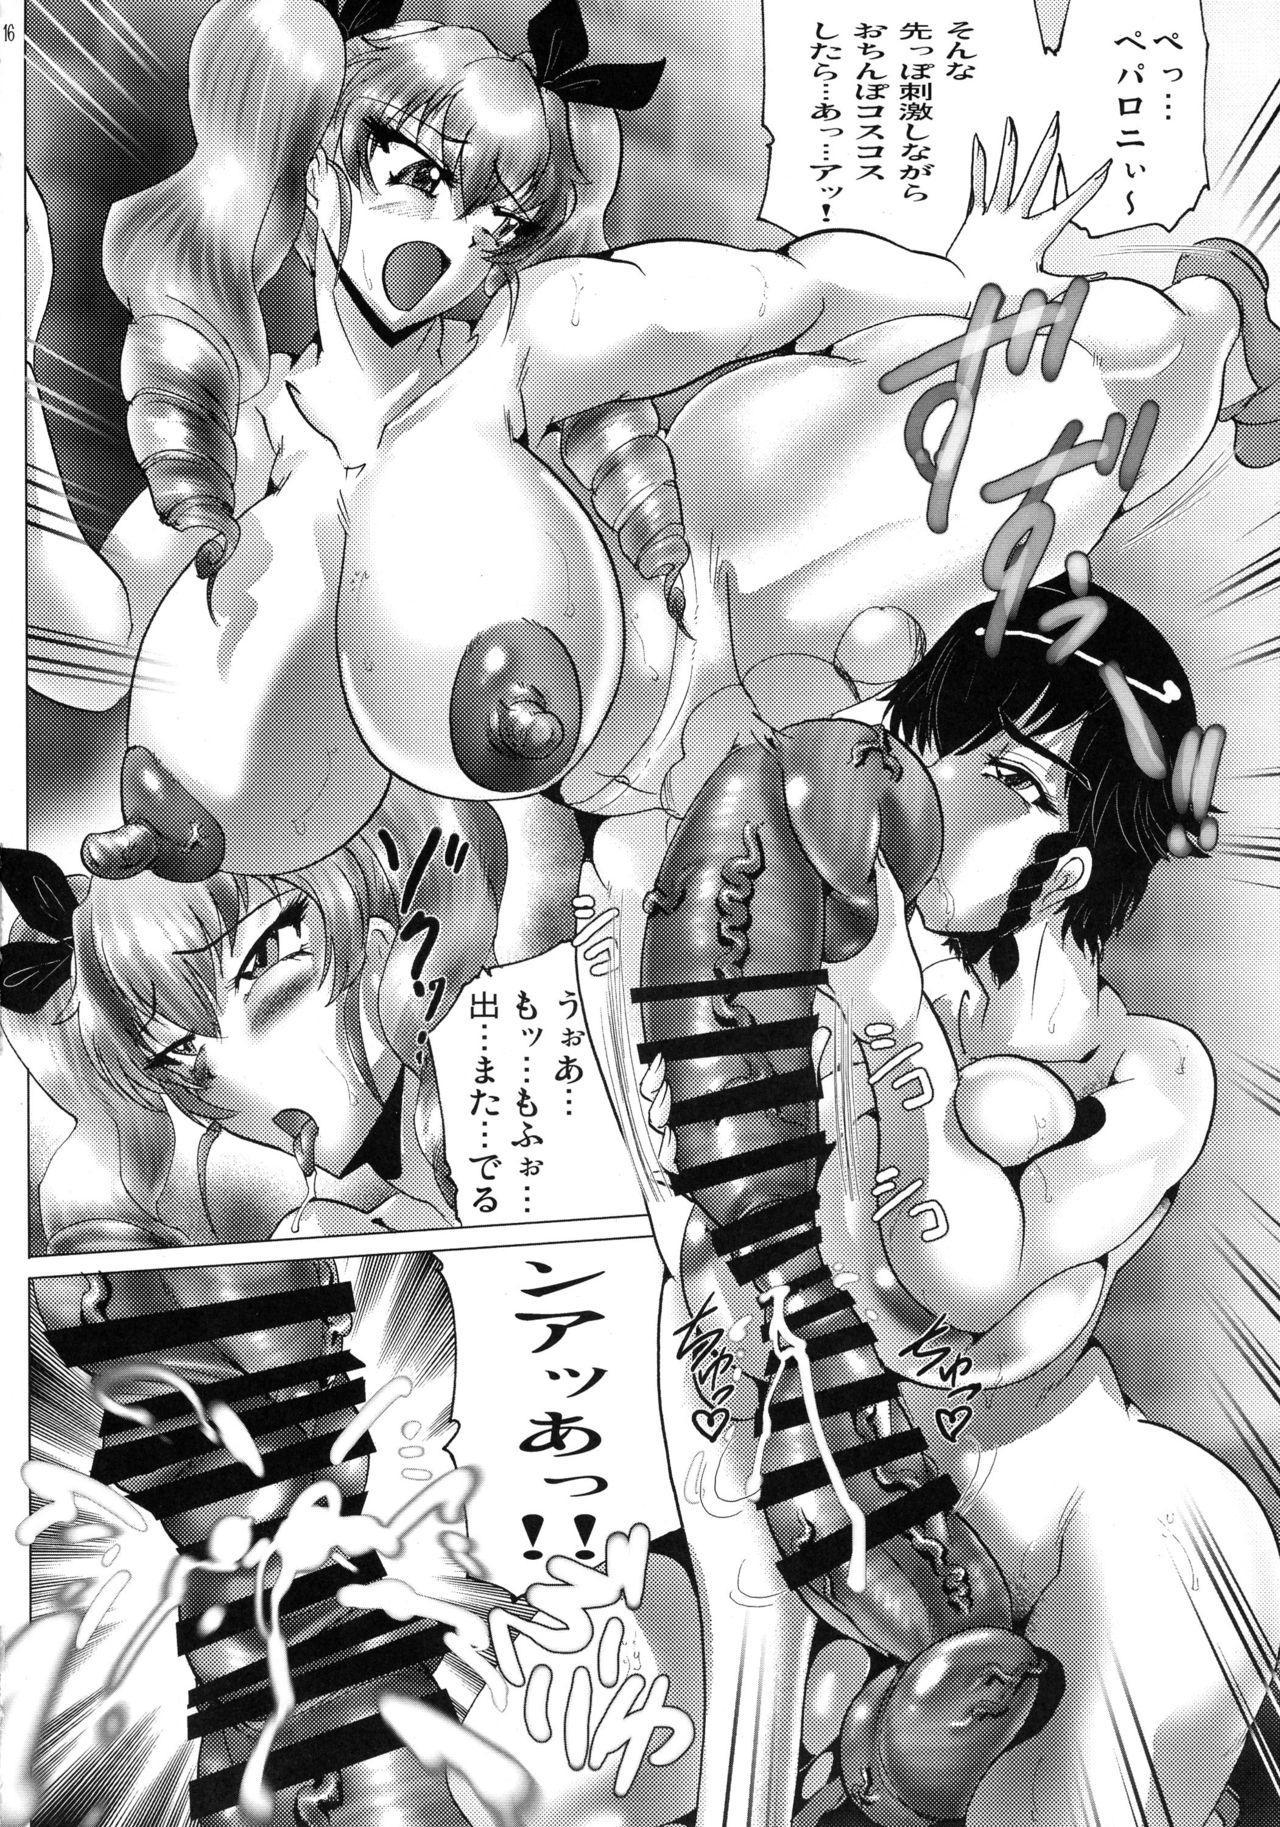 Shin Hanzyuuryoku 34 15